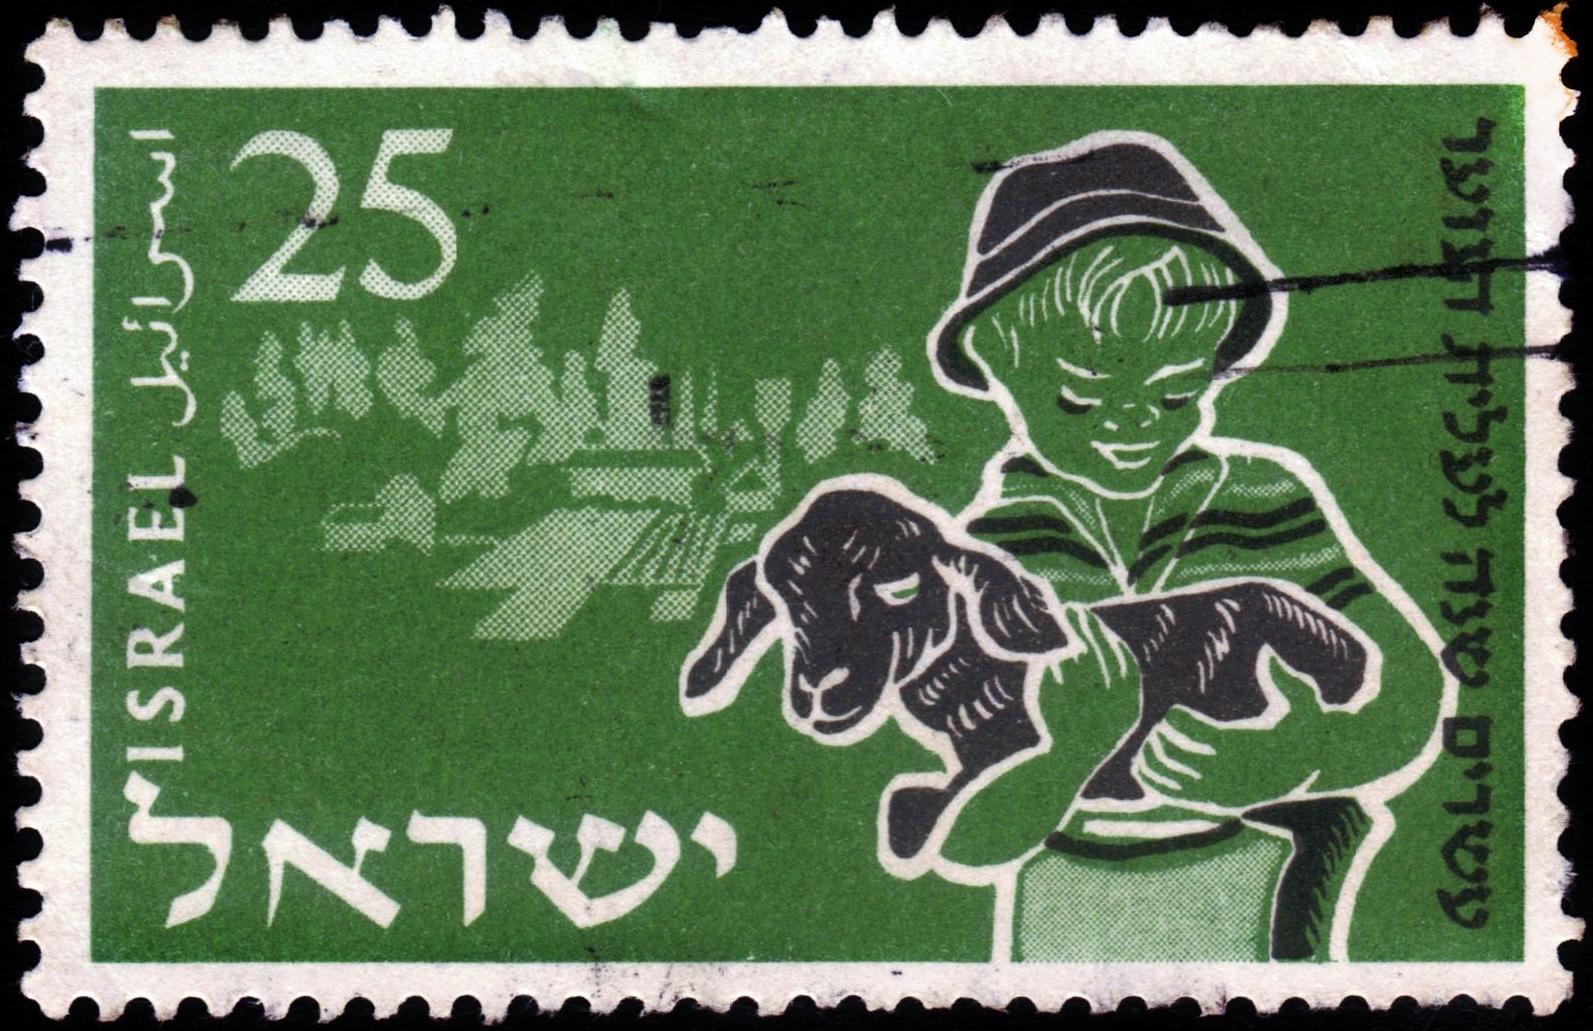 1955 Israeli stamp